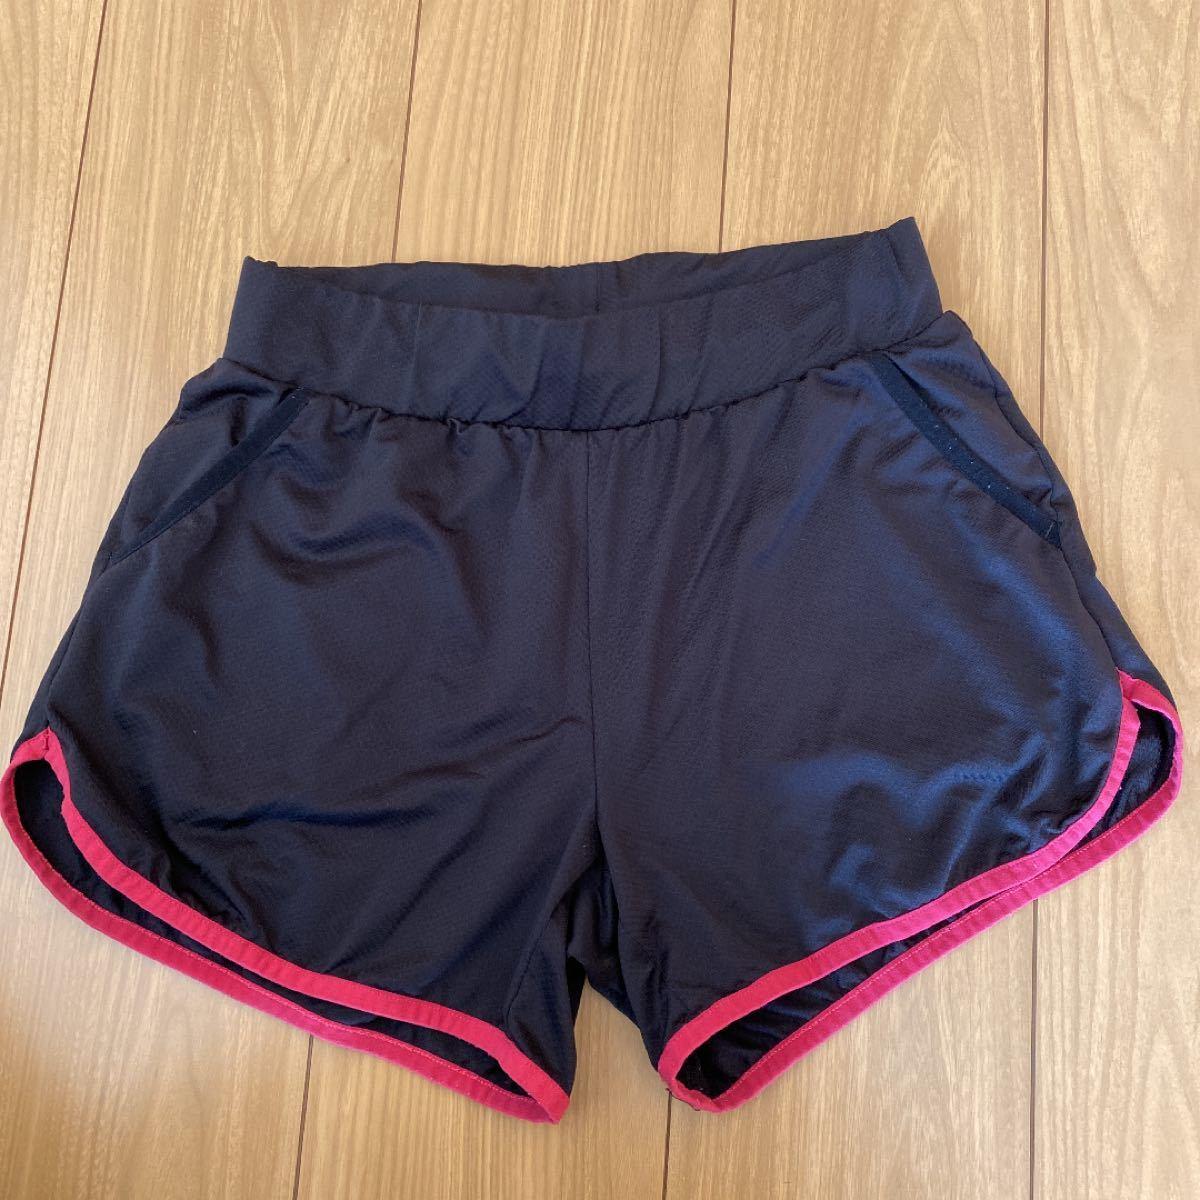 ランニングパンツ ショートパンツ レディース Lサイズ ブラック ピンクのライン